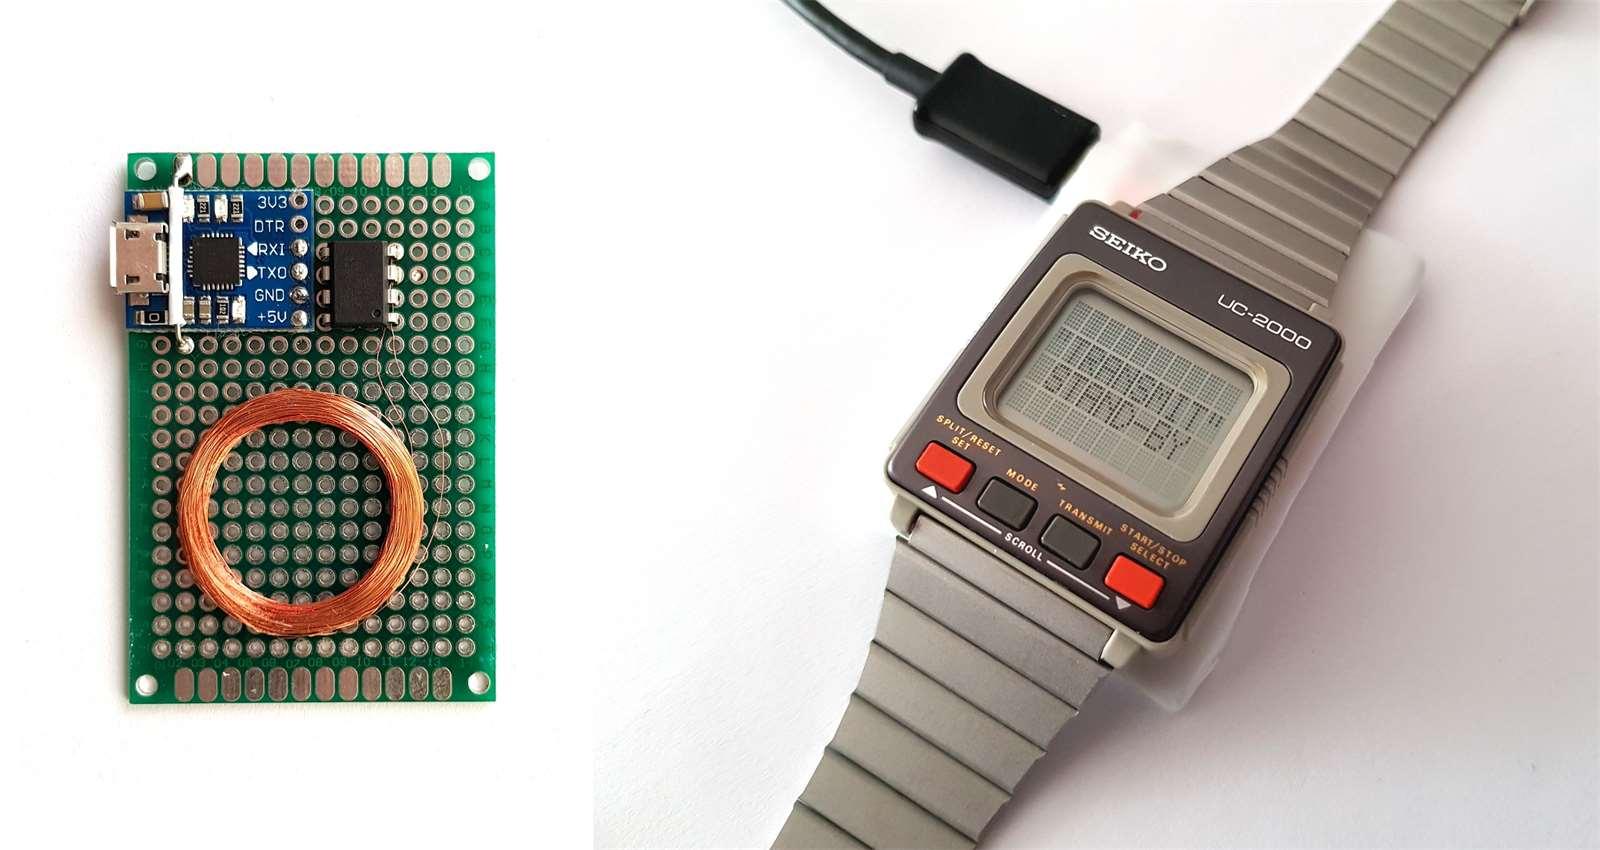 Galerie - Fanoušek hacknul hodinky Seiko z roku 1984 a naprogramoval pro ně  Tetris (video) 2961c72fb6